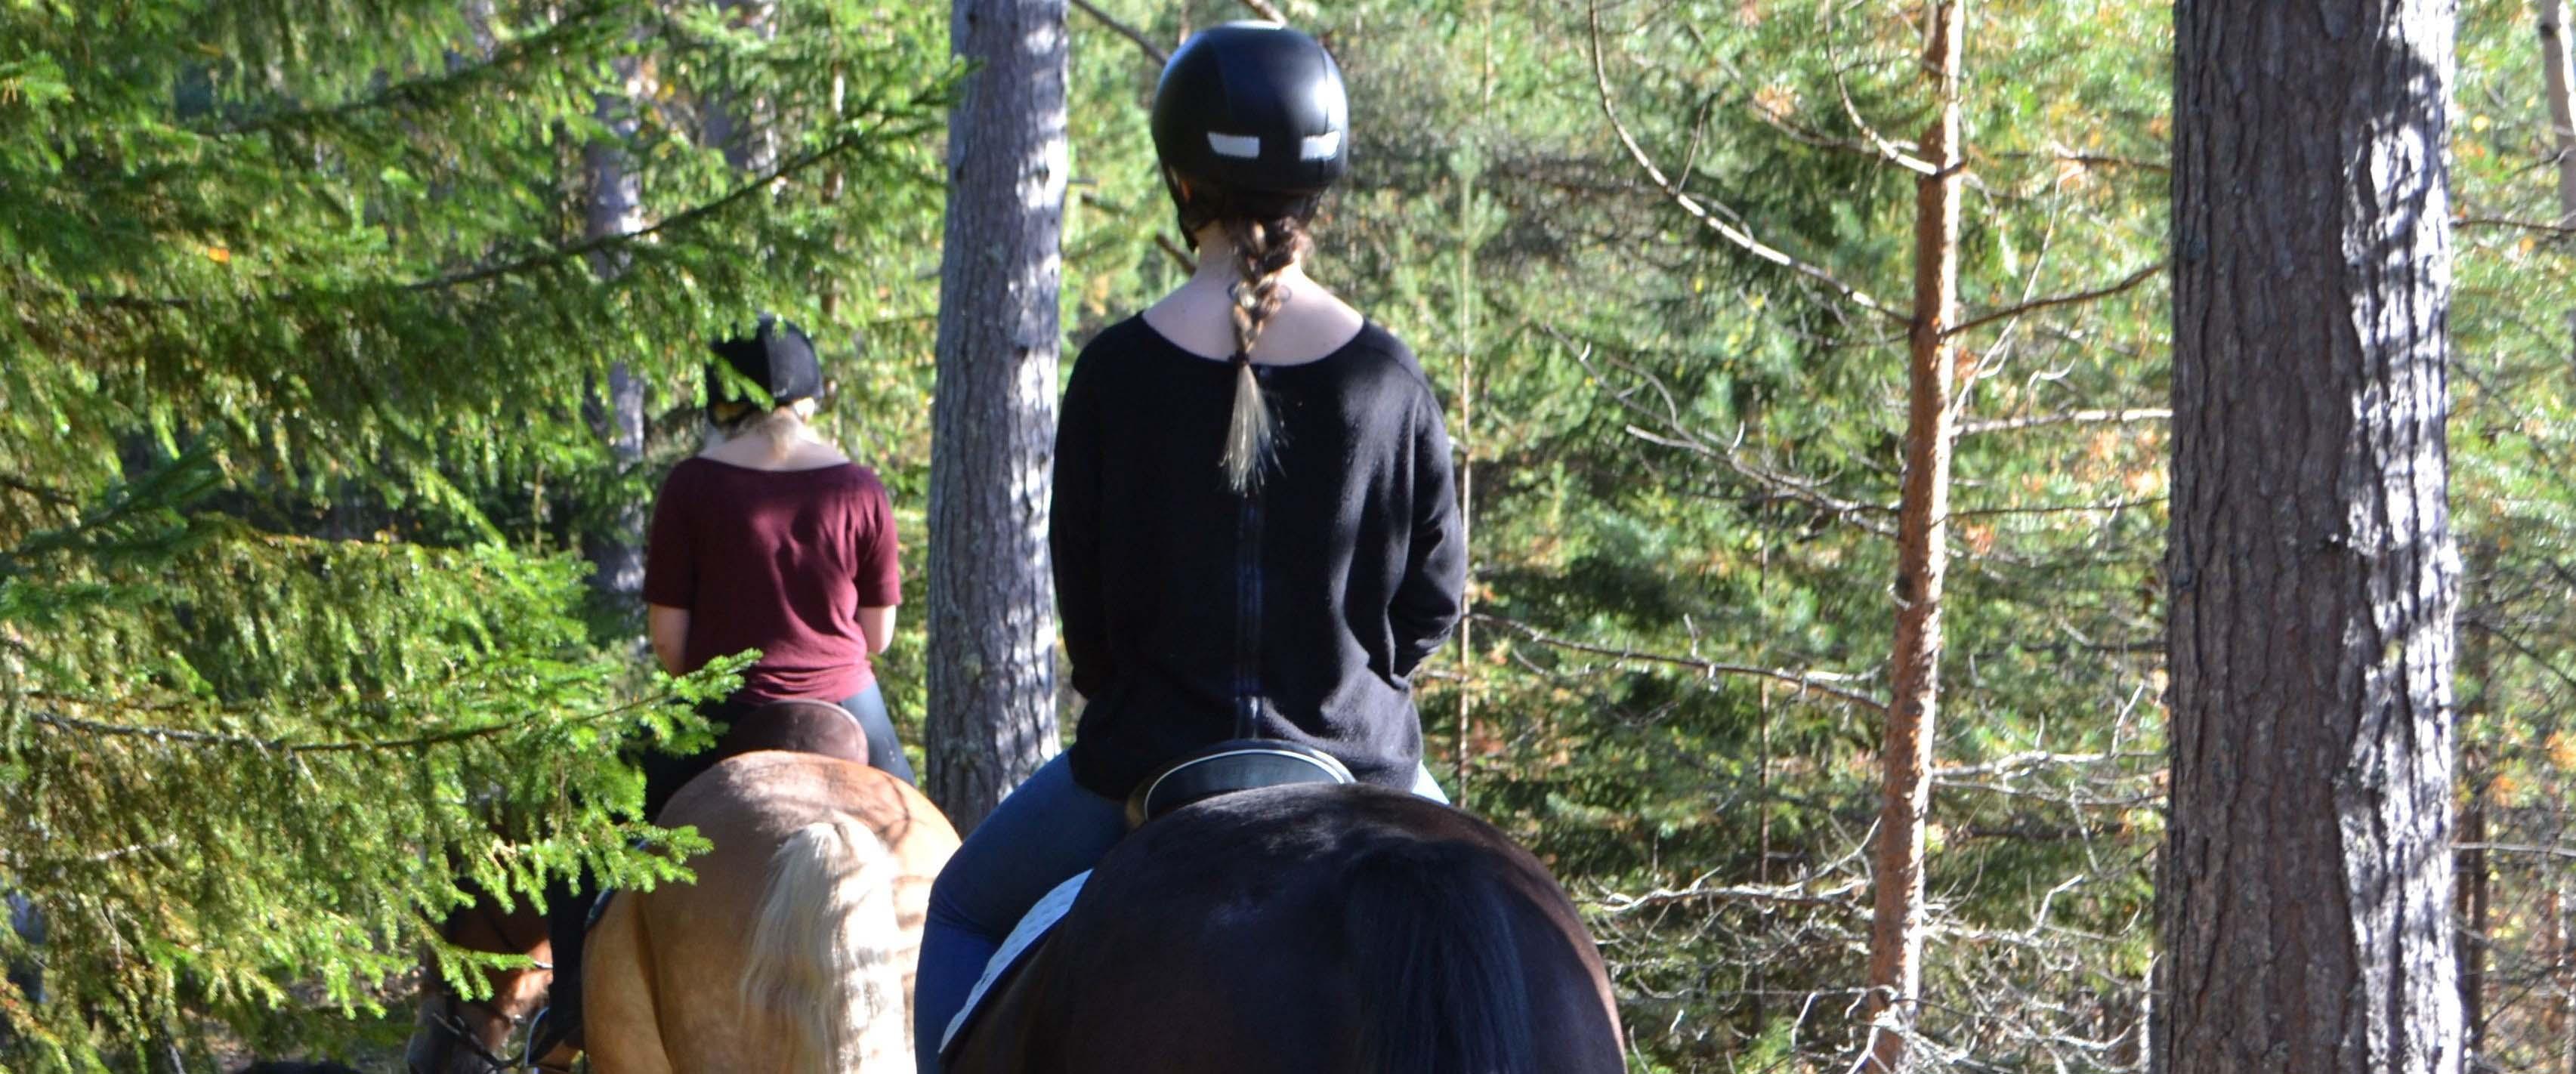 Hästar på stig